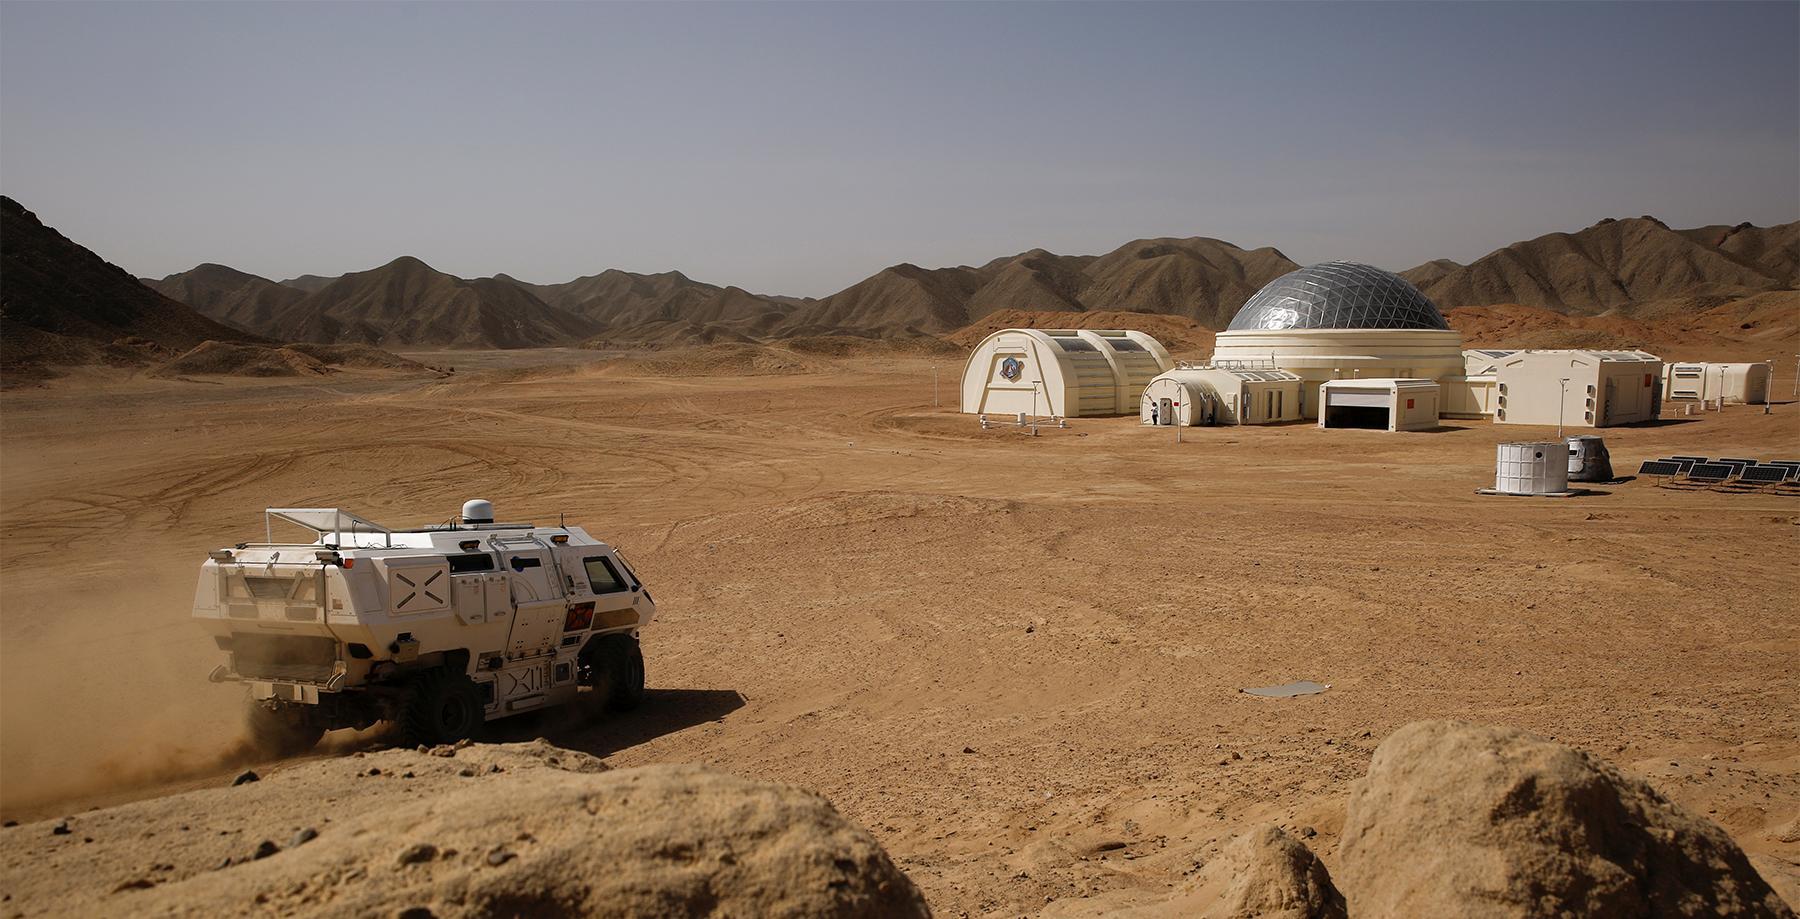 Чуждый мир Красной планеты: как человечество будет приспосабливаться к жизни на Марсе?